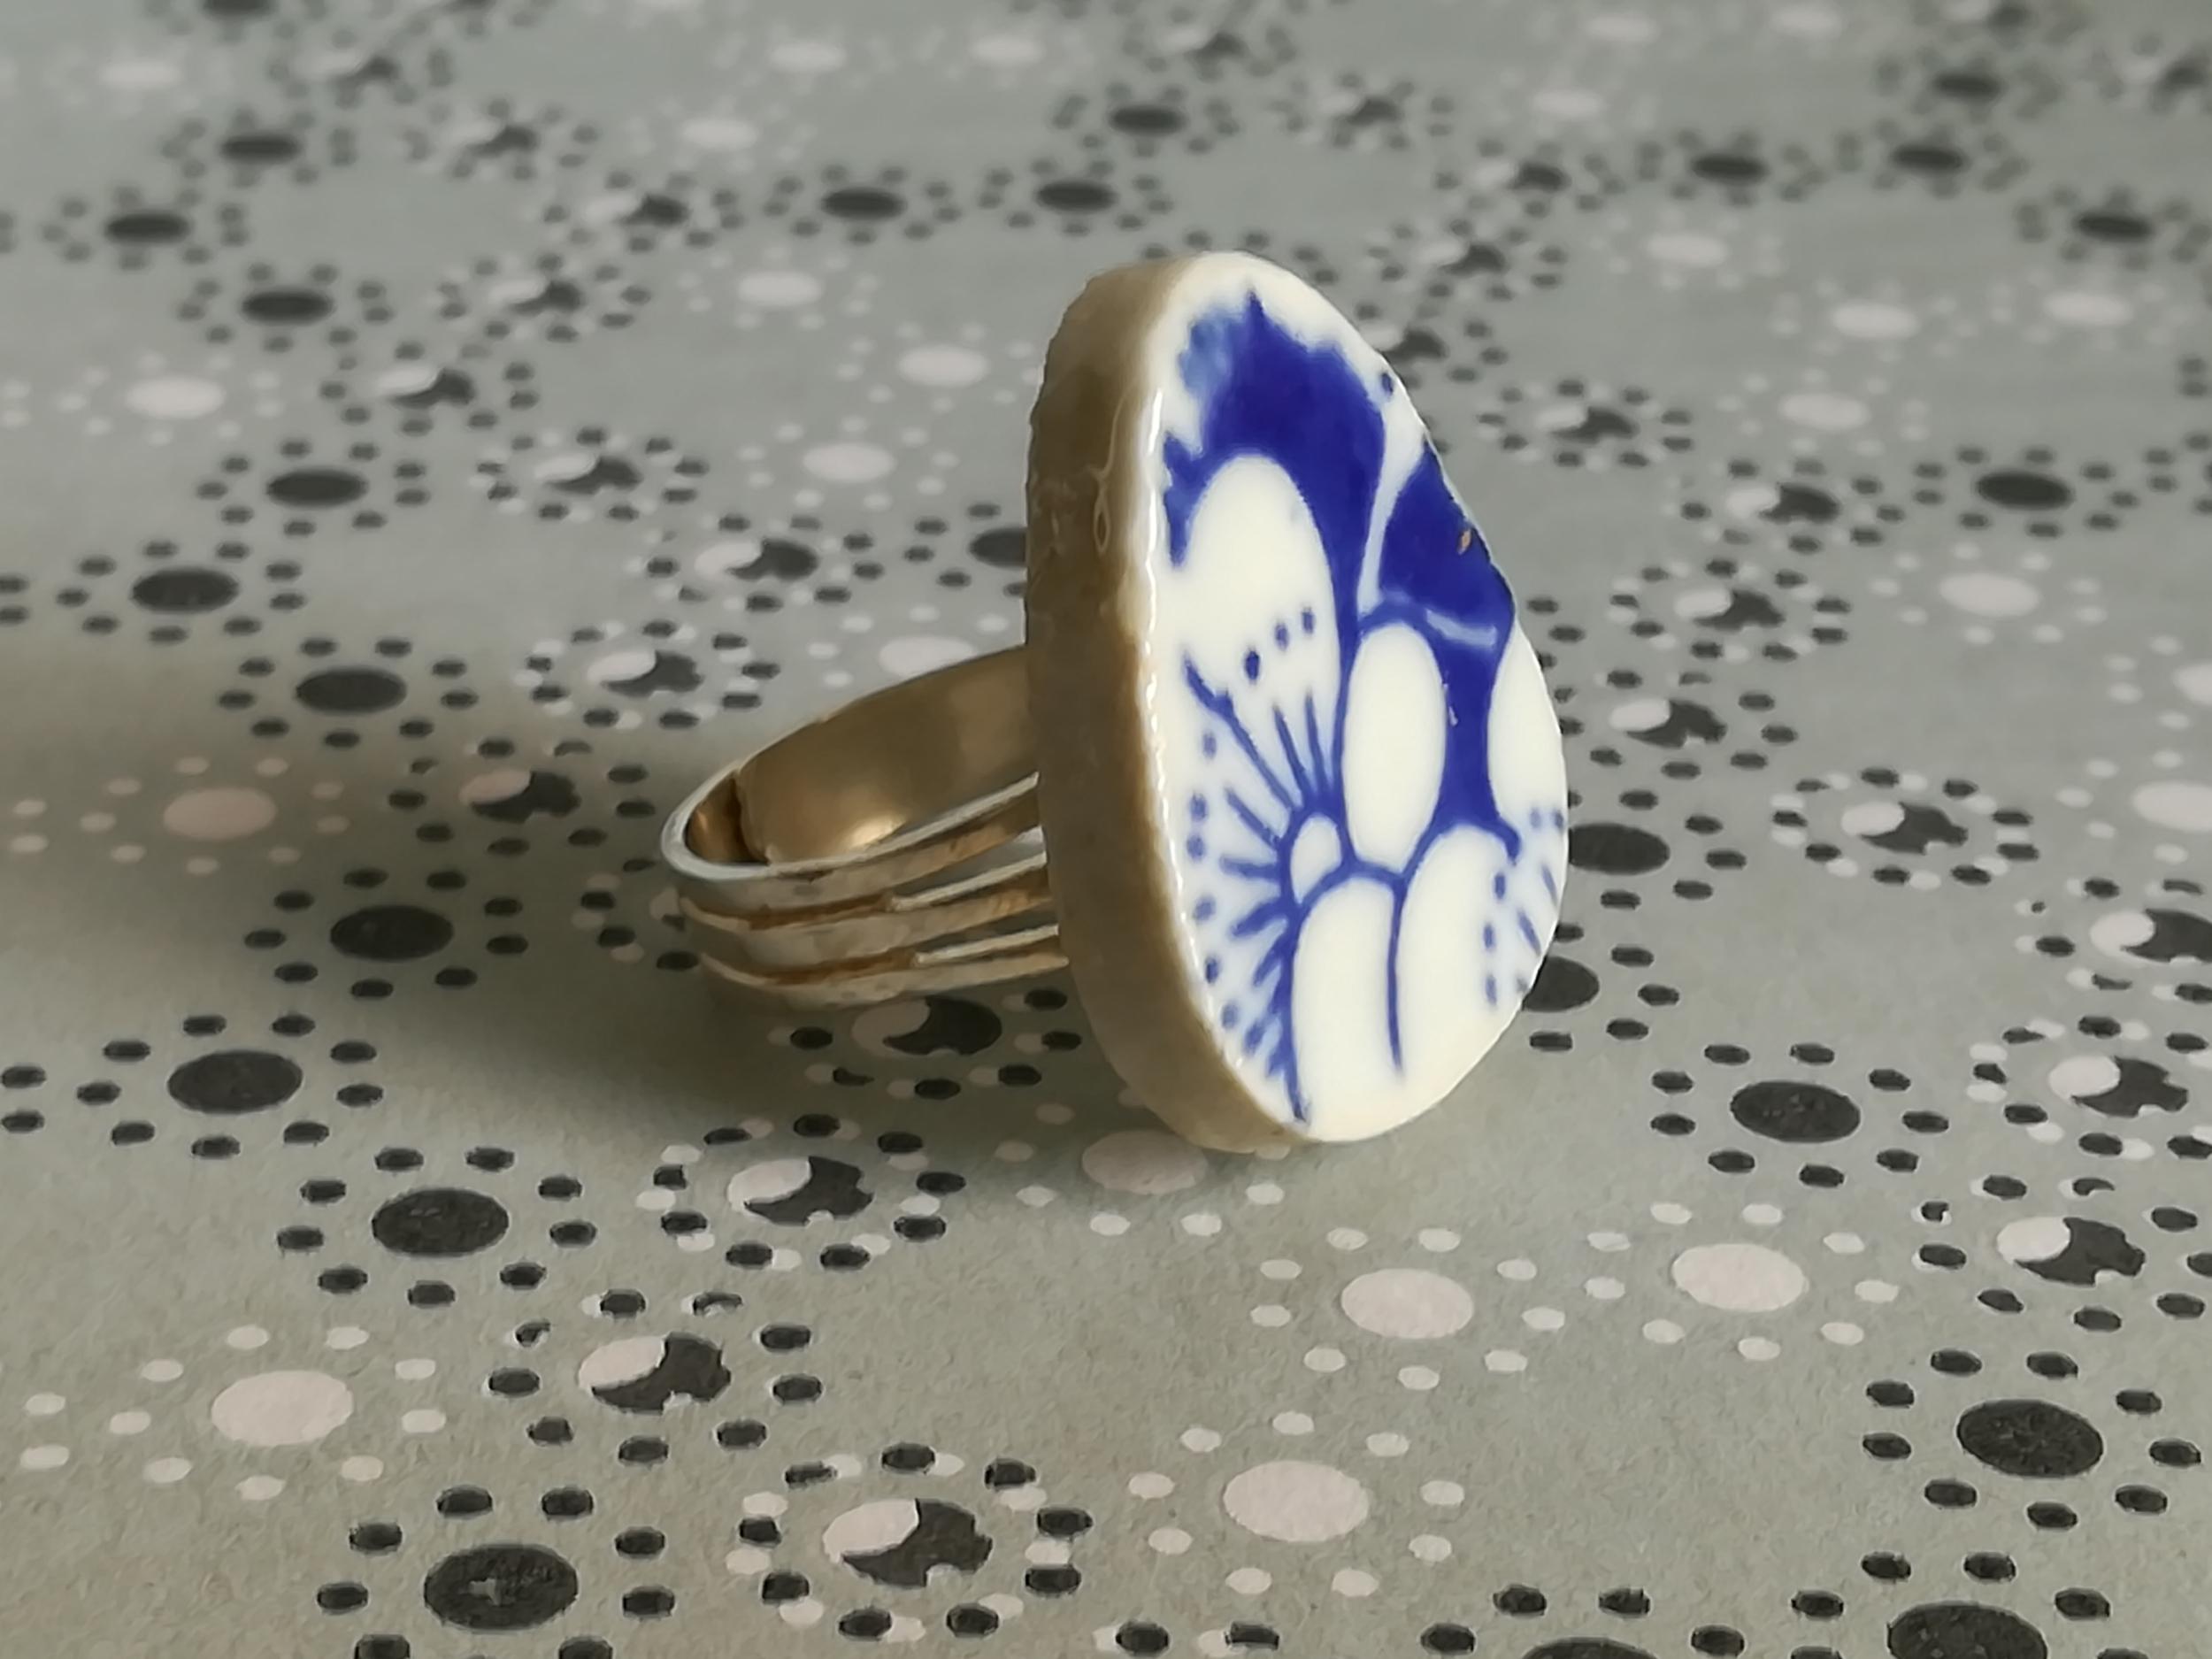 Bague ajustable galet japonais fleurs bleu et blanc